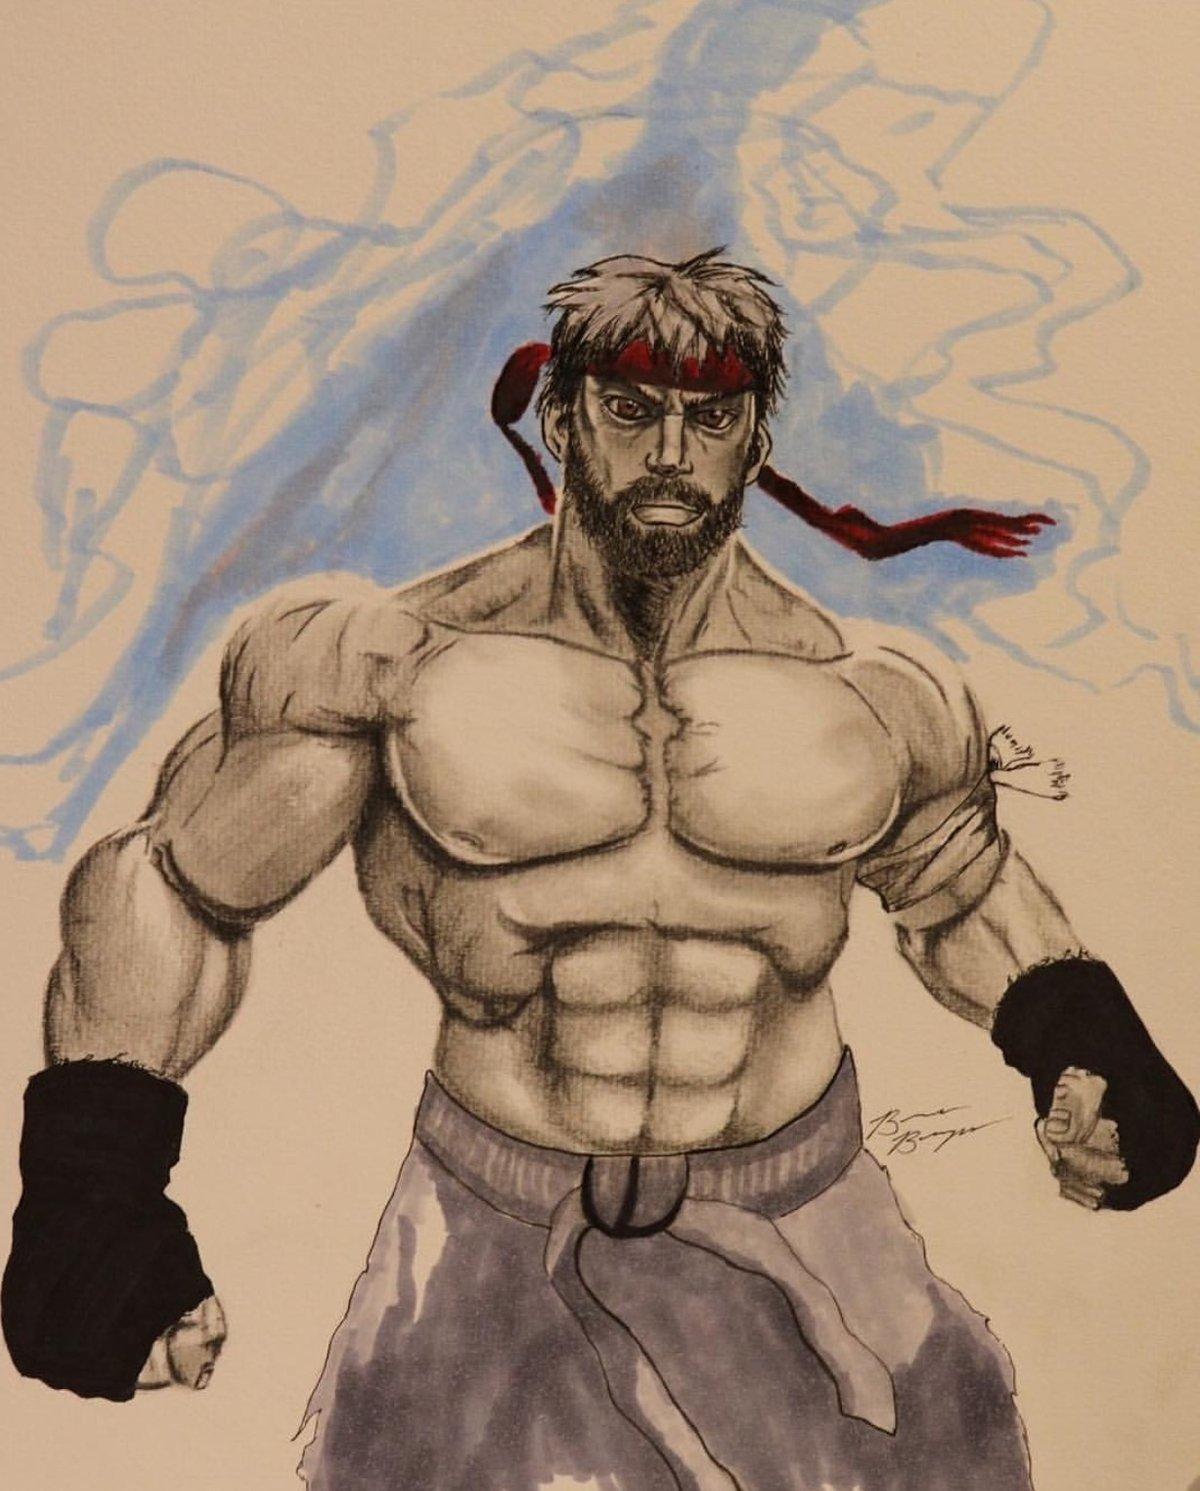 Image of Old man ryu